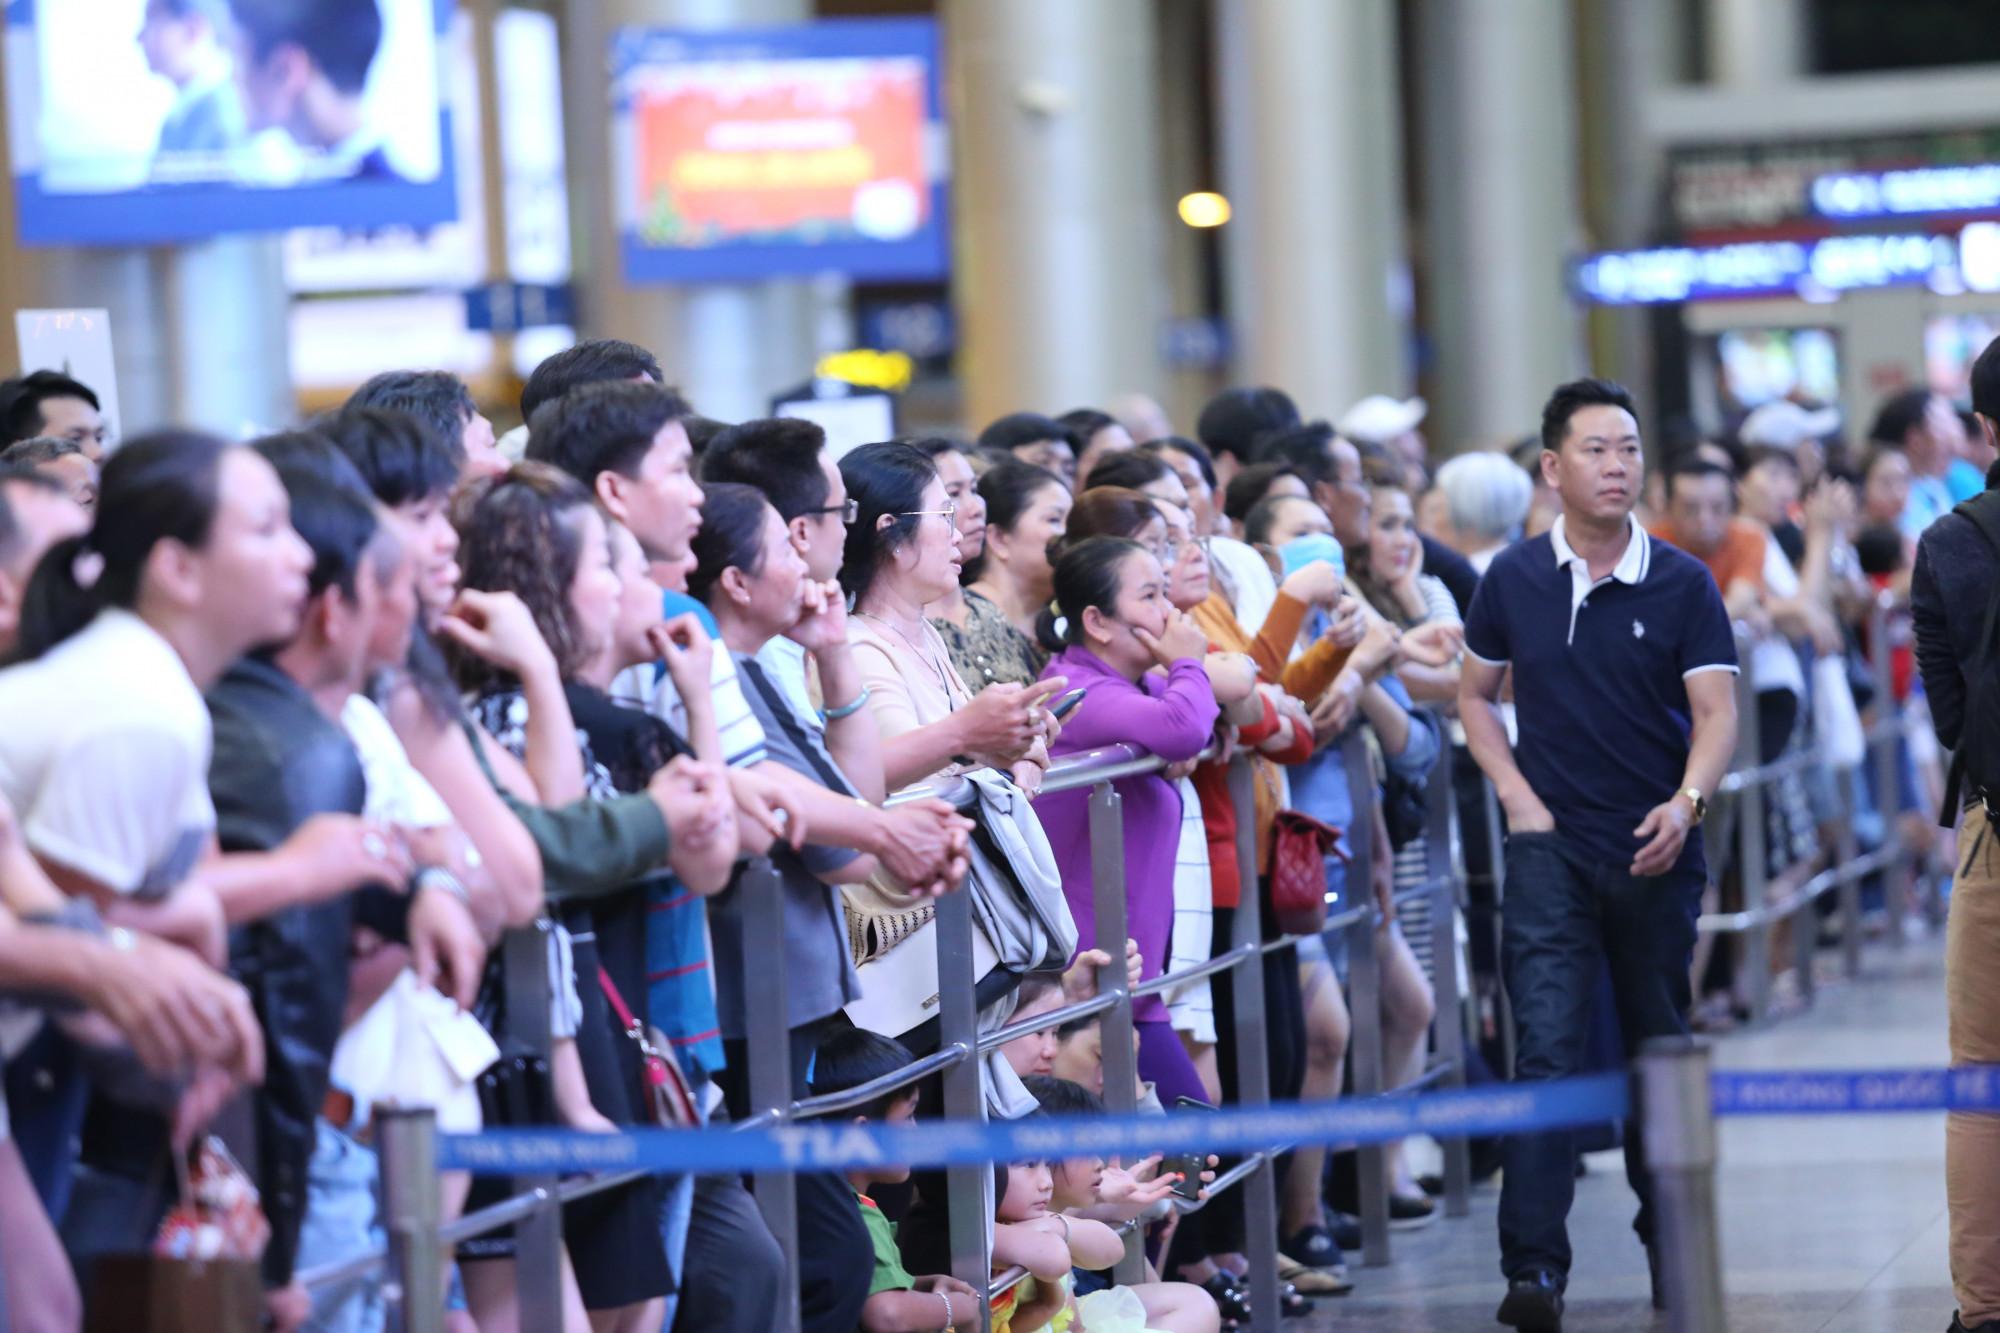 Những người trở về từ Trung Quốc phải nên tự cách ly 14 ngày để đảm bản an toàn cho cộng đồng.